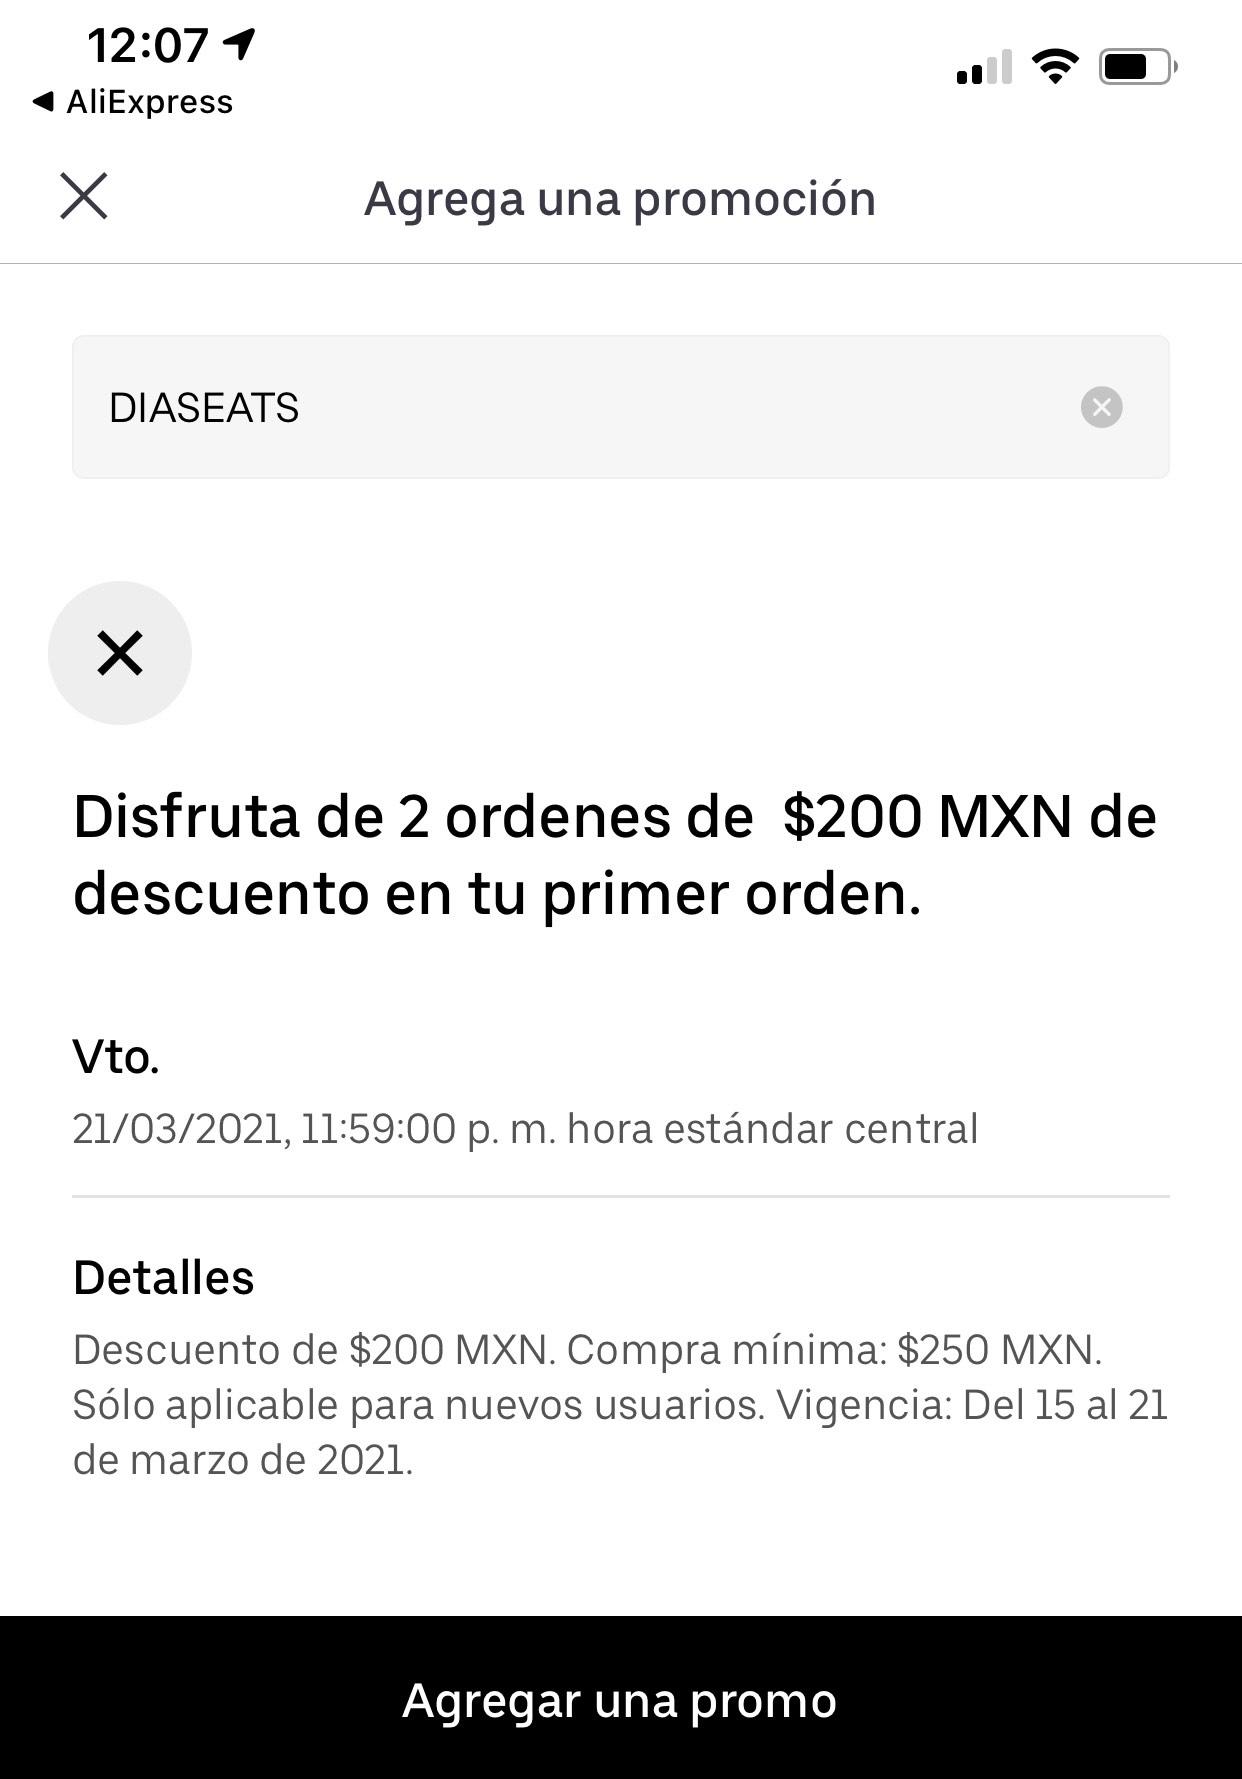 Uber eats: $200 de descuento para nuevos usuarios (seleccionados)